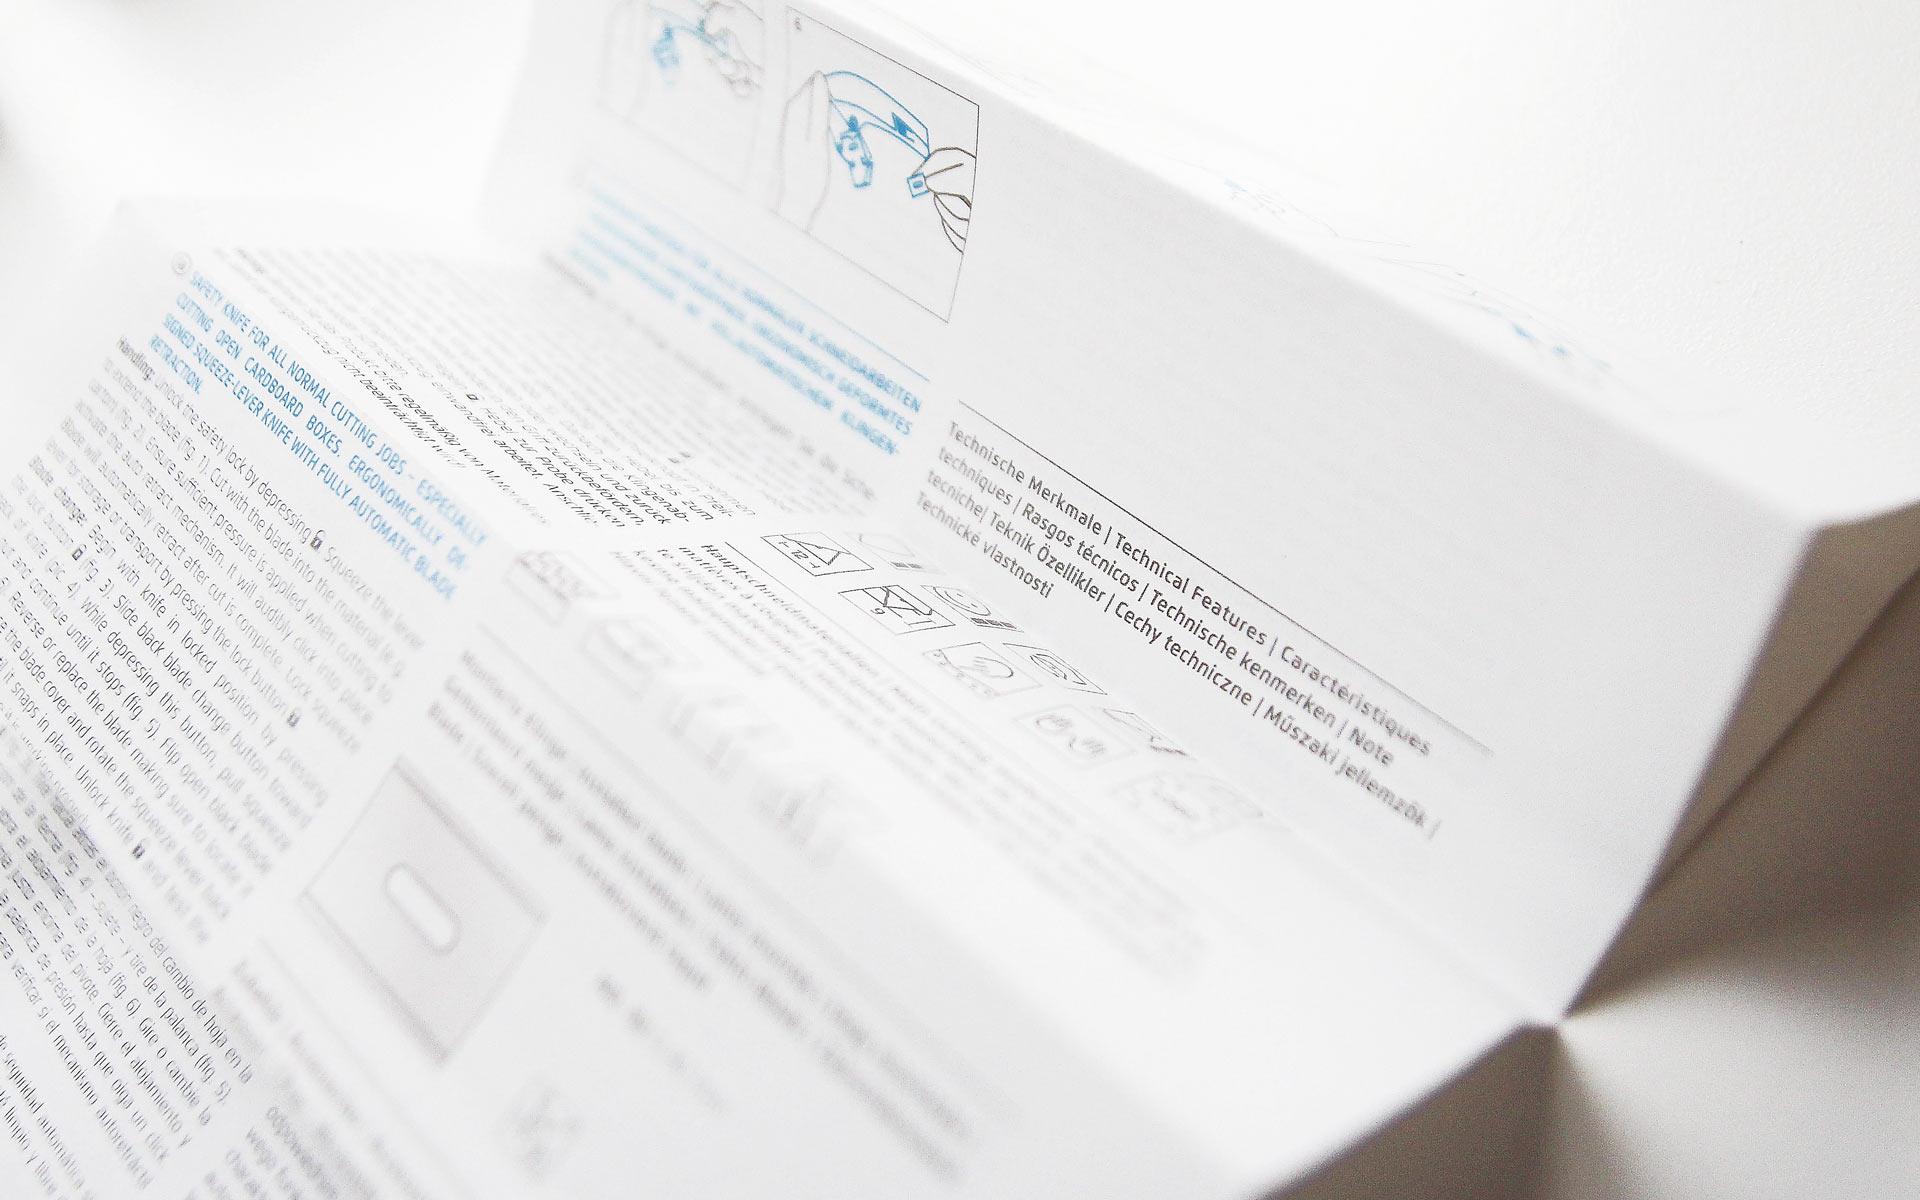 Martor Verpackungsgestaltung, Gebrauchsanweisung, Typografie